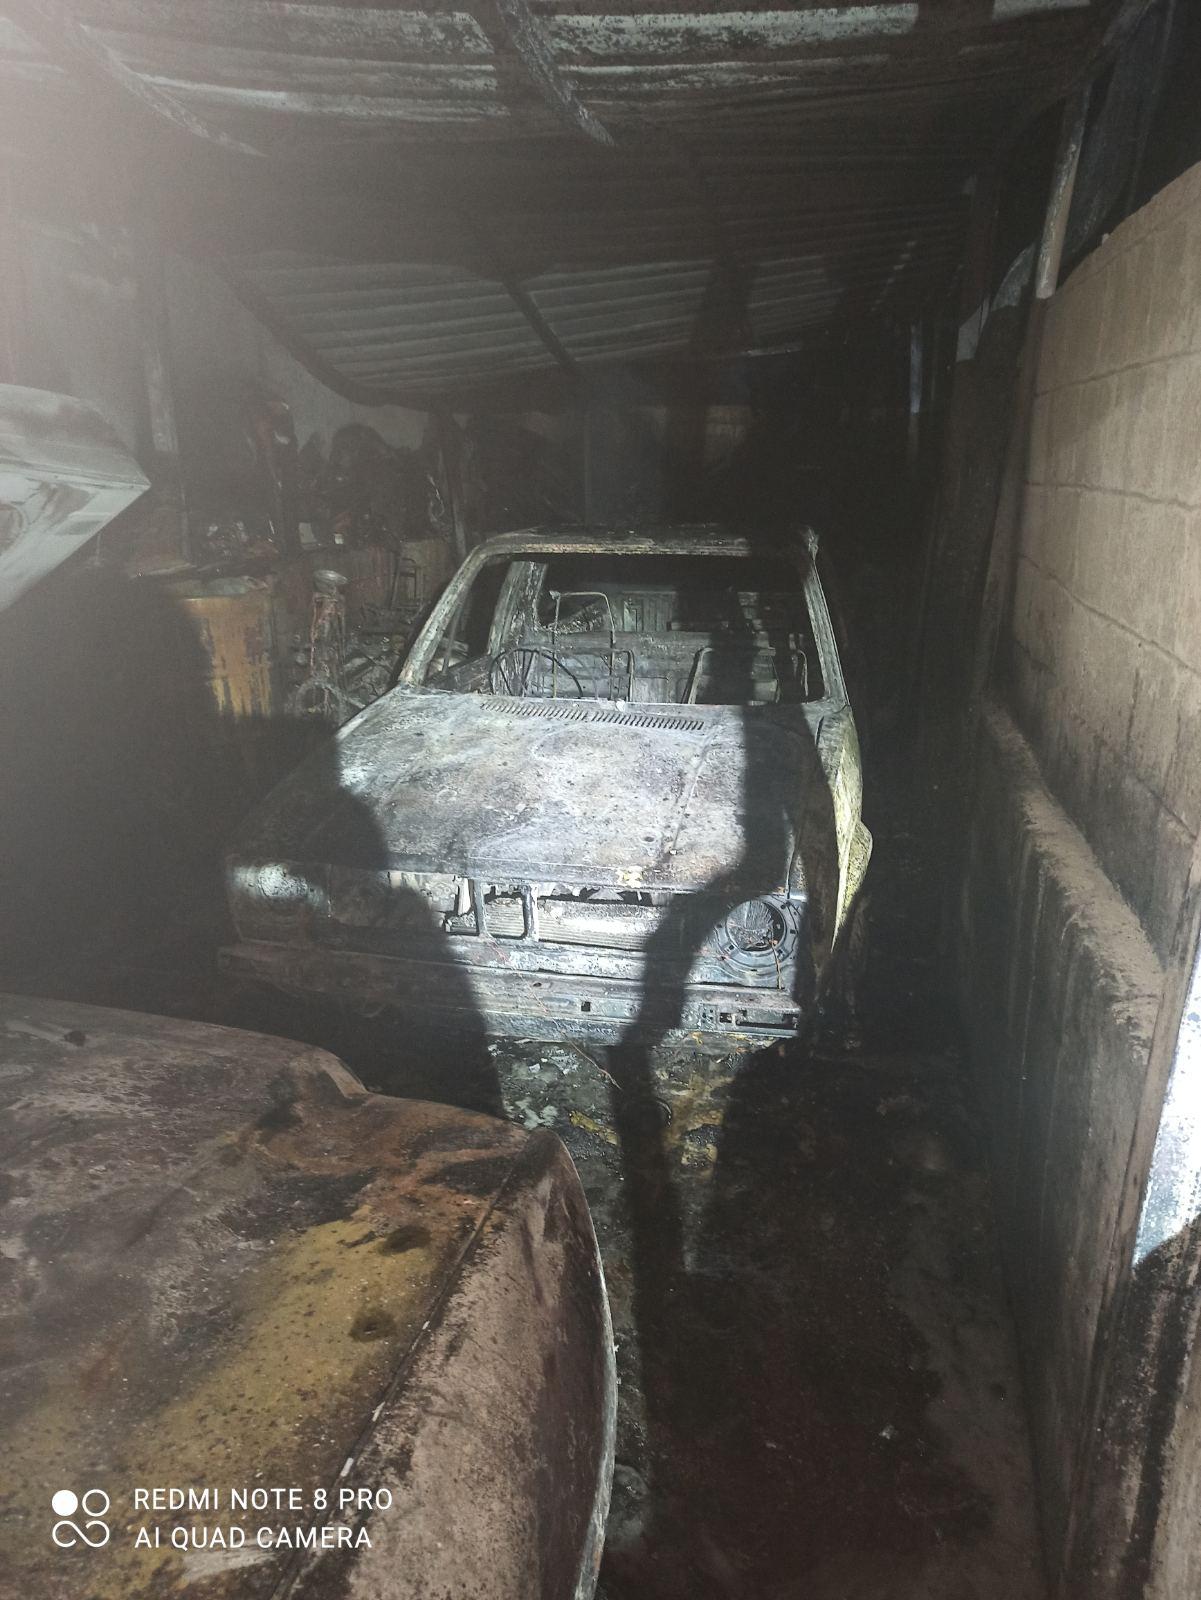 Φωτιά σε 6 όχημα και οικία στη Λάρνακα - Δείτε φωτογραφίες